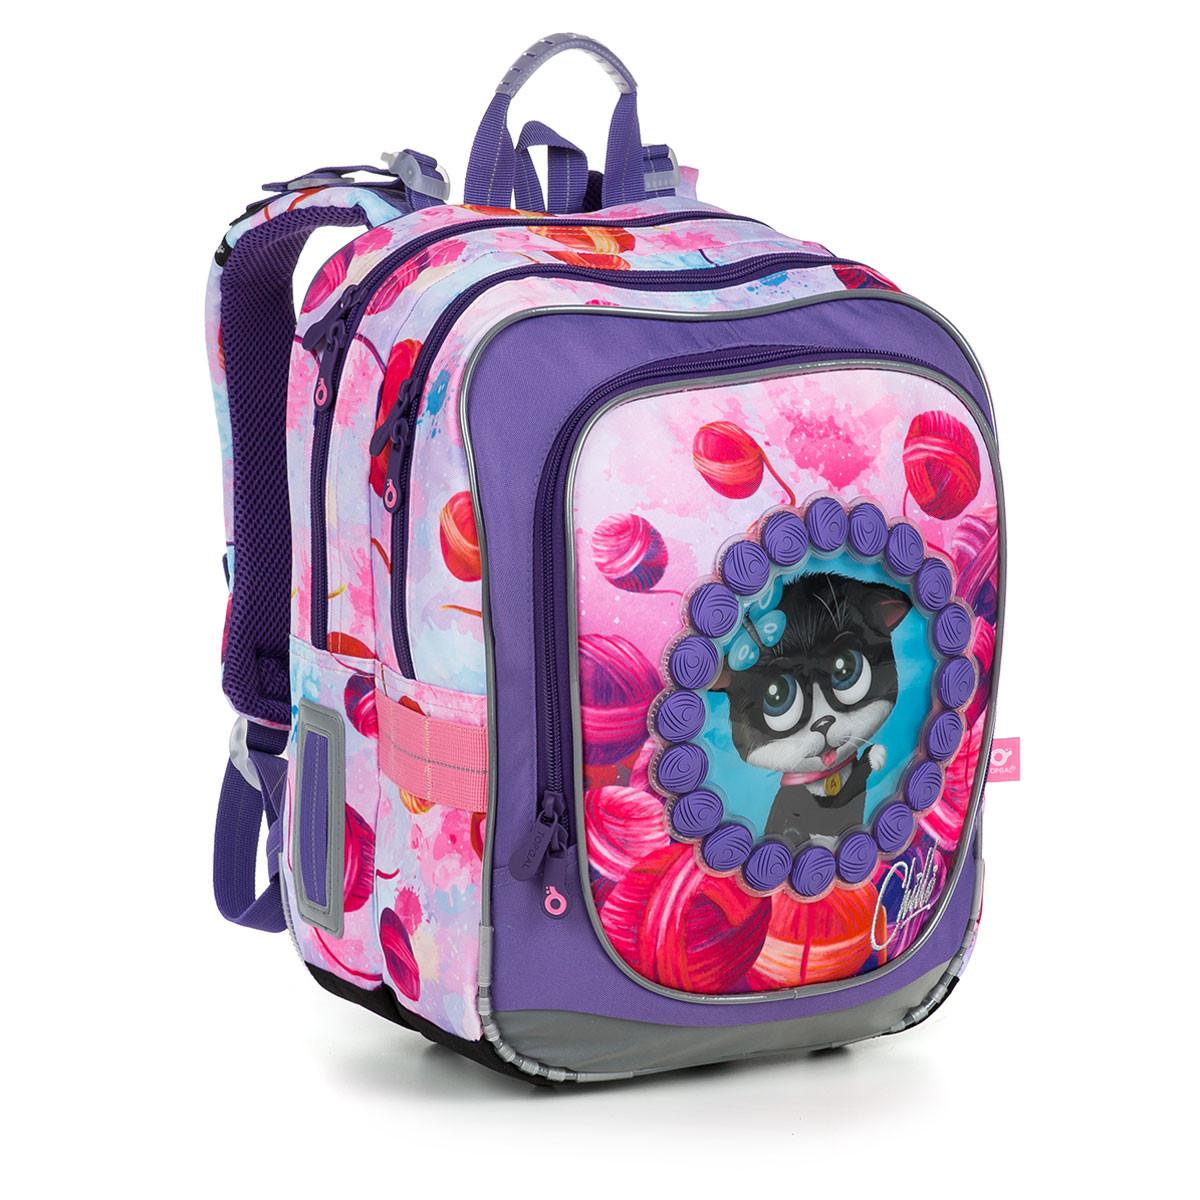 Školní batoh Topgal ENDY 19005 G  4402d44a04